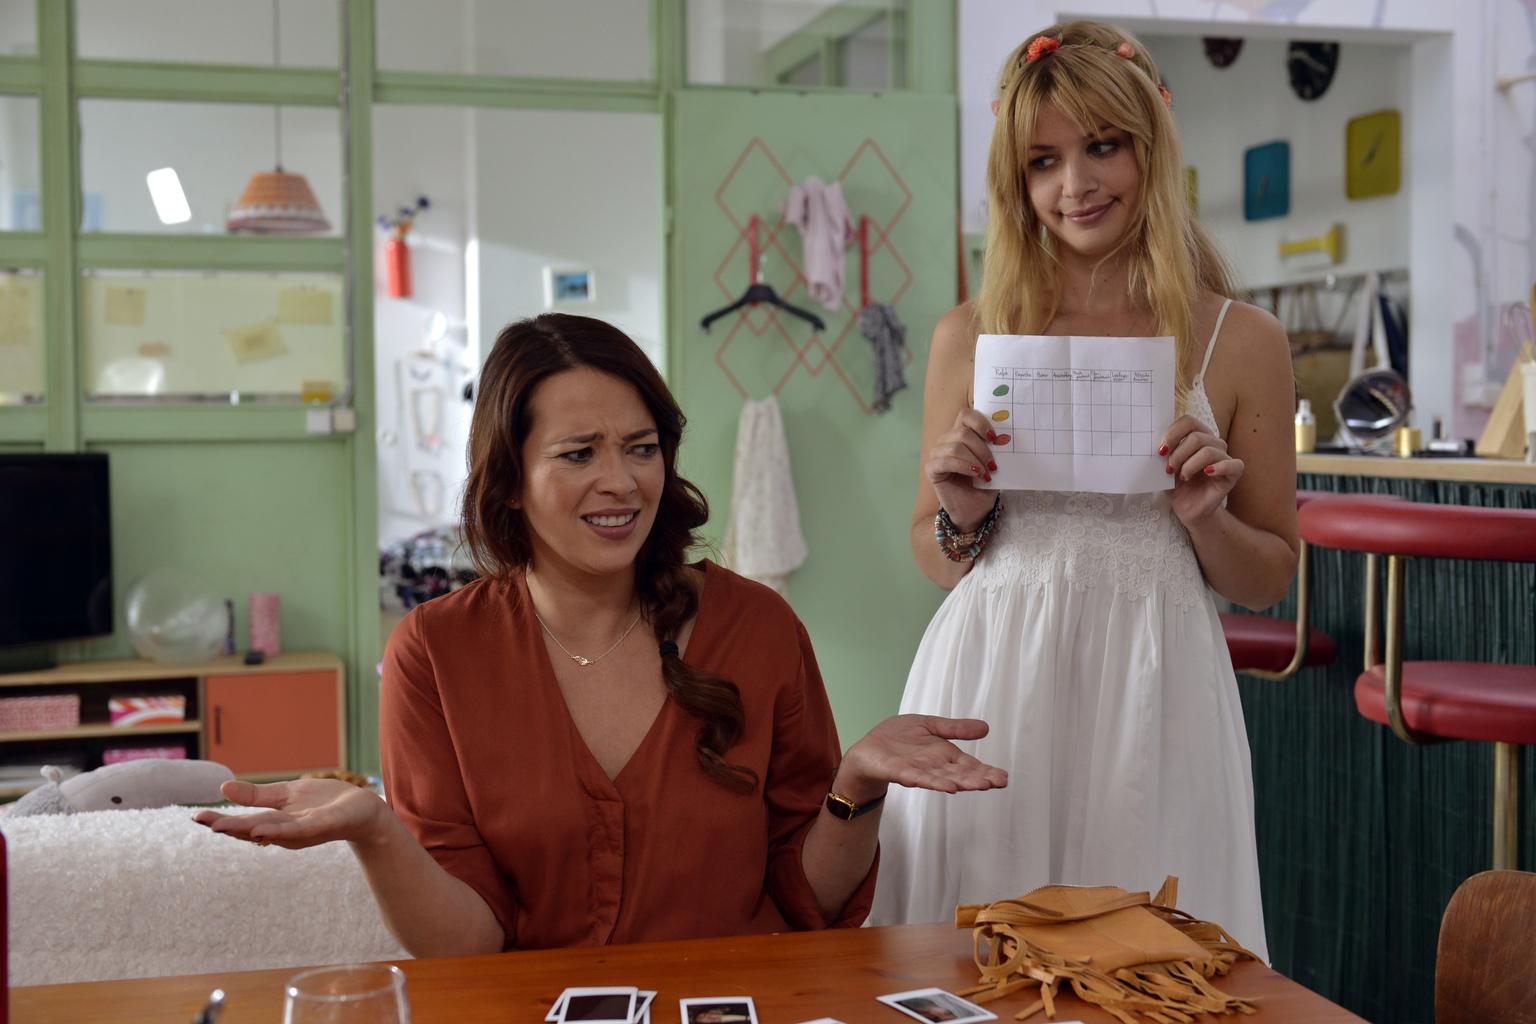 Während Mila (Susan Sideropoulos, r.) noch damit hadert, ihr Casual-Sex Date wahrzunehmen, rät Sally (Laura Osswald, l.) ihr, jetzt nicht mehr zu kneifen ... (Quelle: Sat 1)